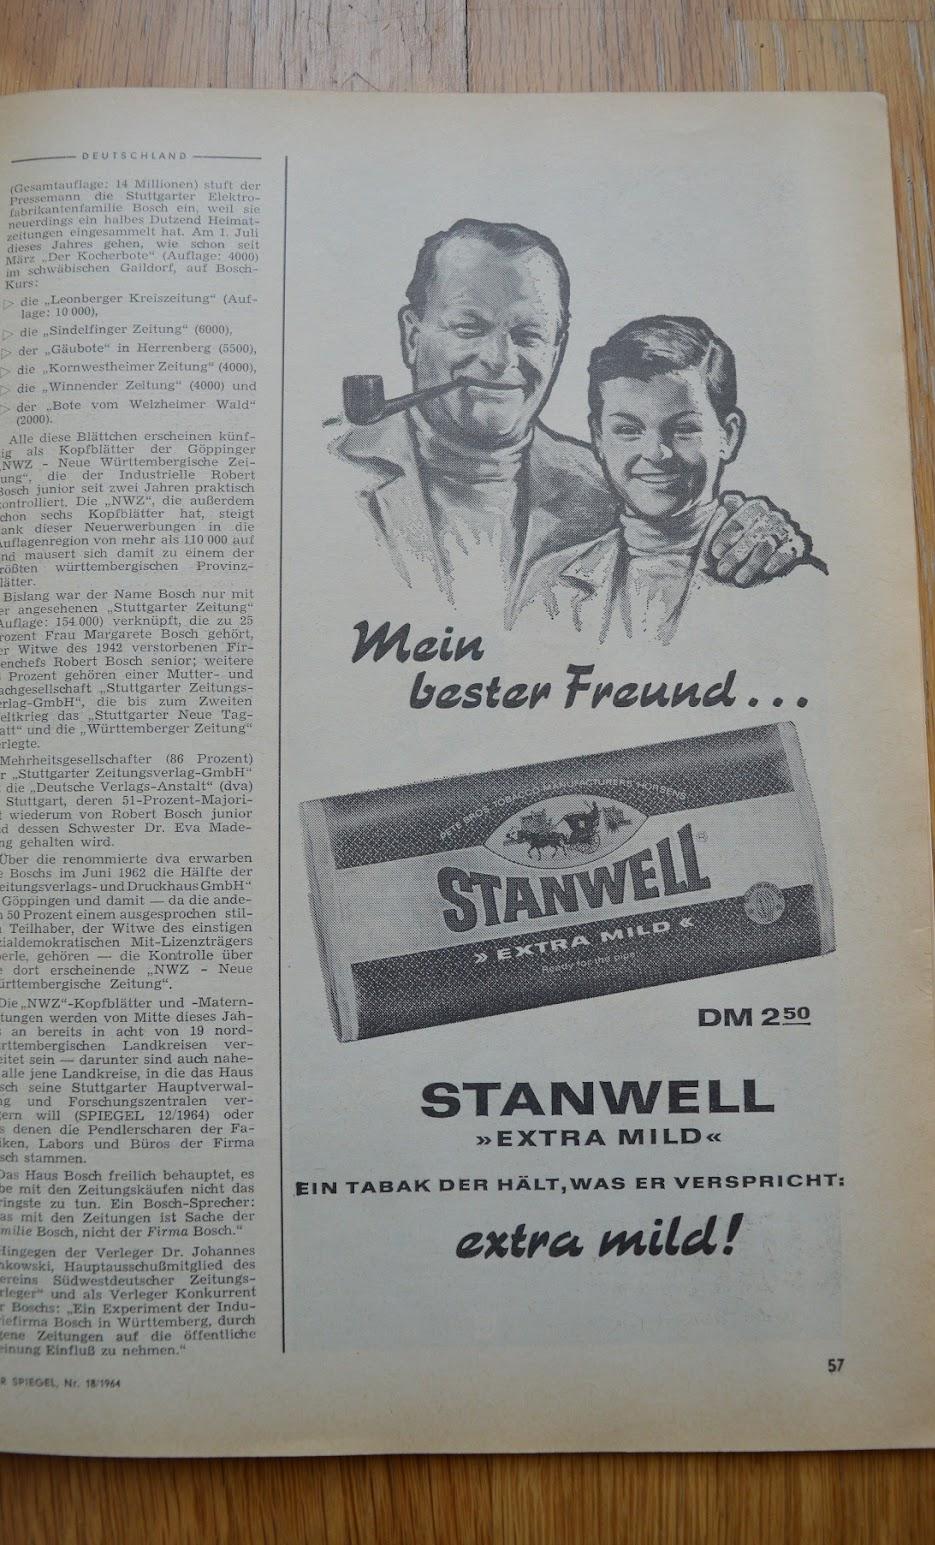 DER SPIEGEL, 29. April 1964 - Werbung für Tabak